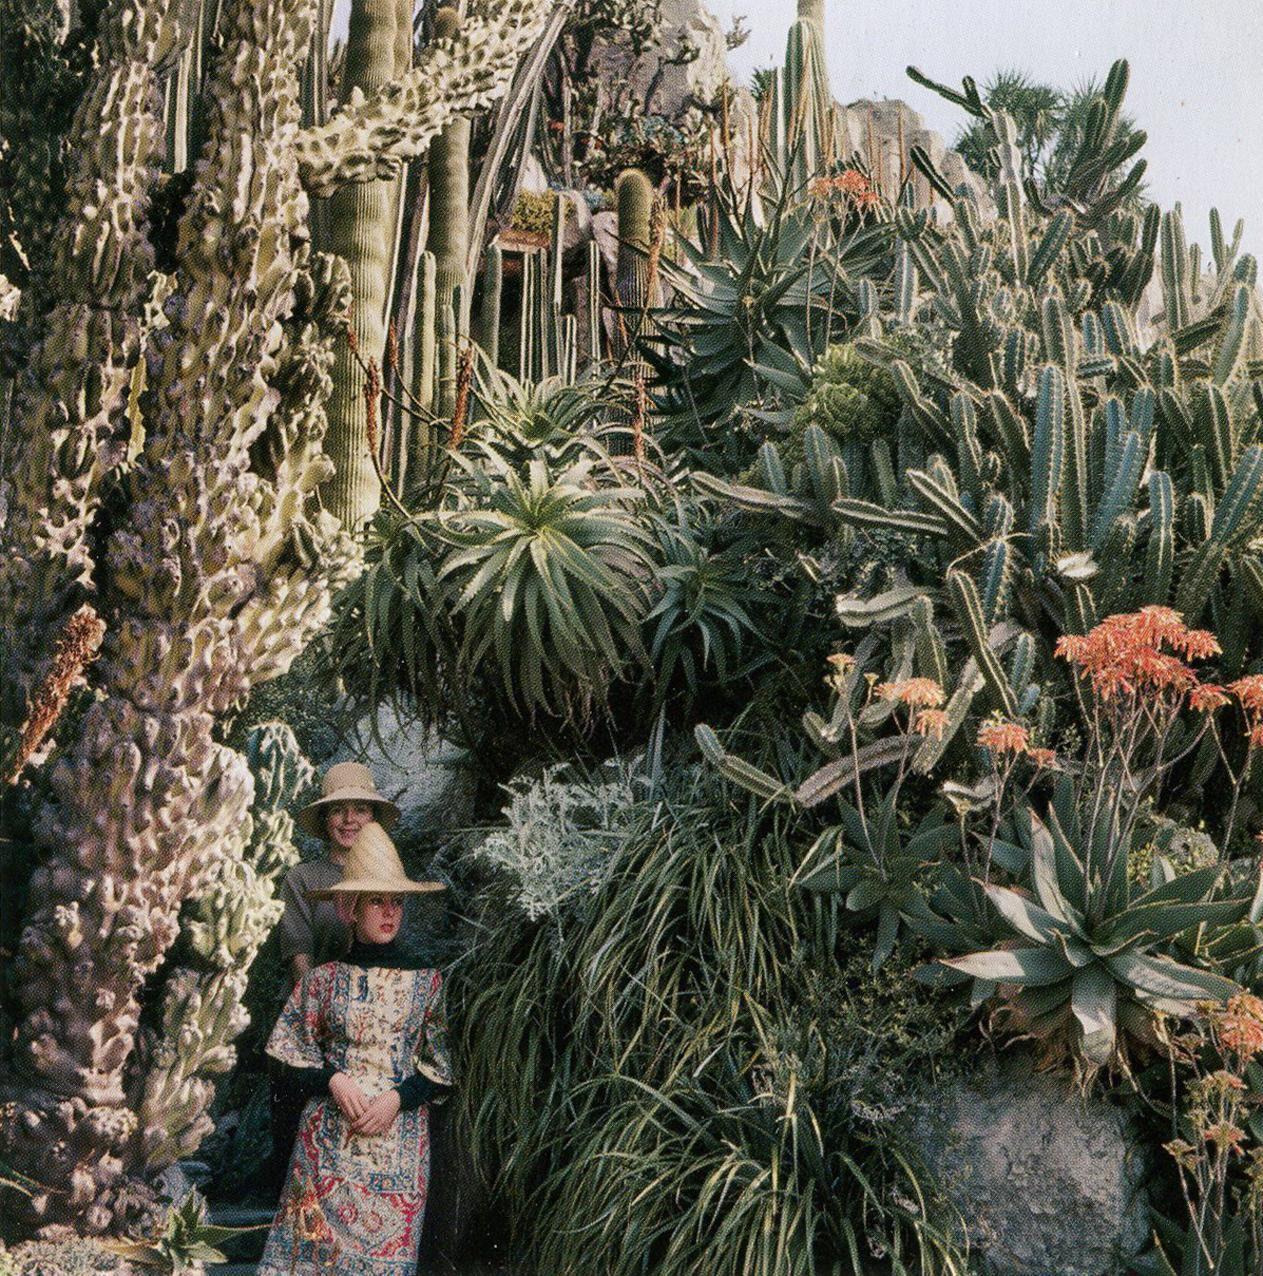 Cliff Side Plantings In Jardin Exotique De Monaco In 1964 Image